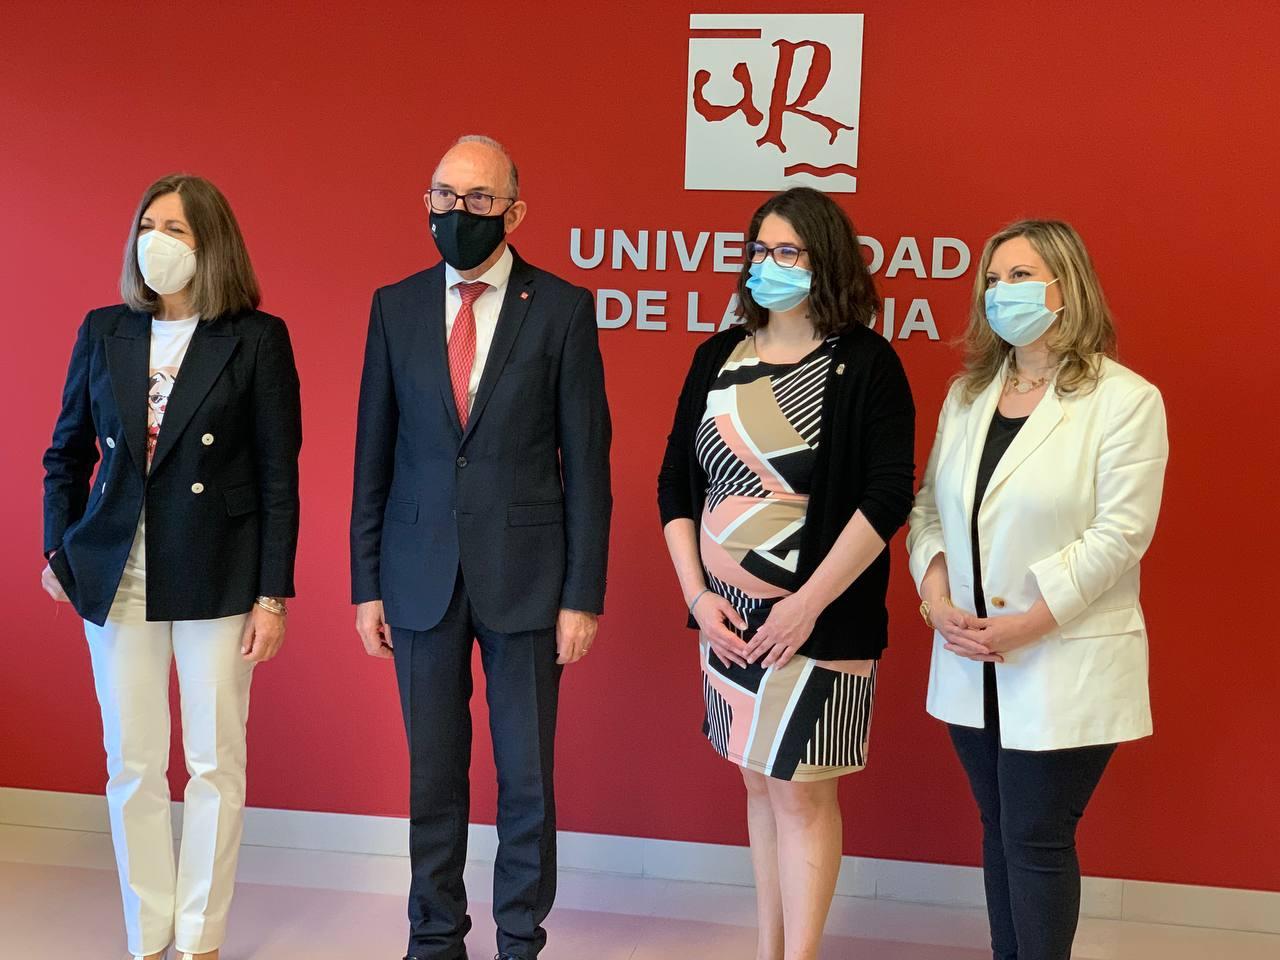 La Rioja y la UR firman un convenio para fomentar la igualdad entre hombres y mujeres 1